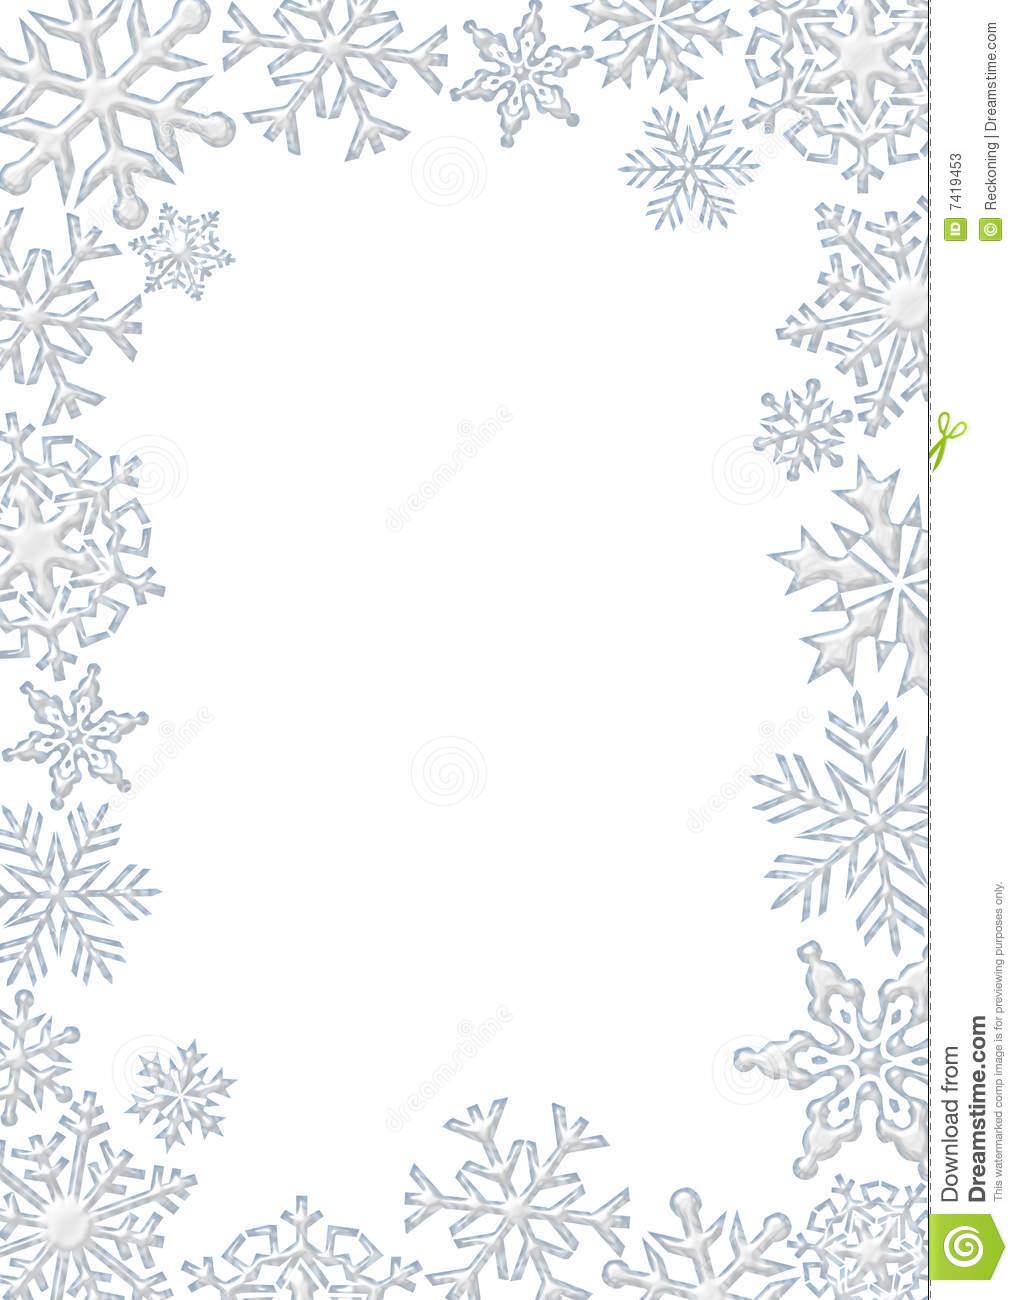 White Snowflake Border Clipart.